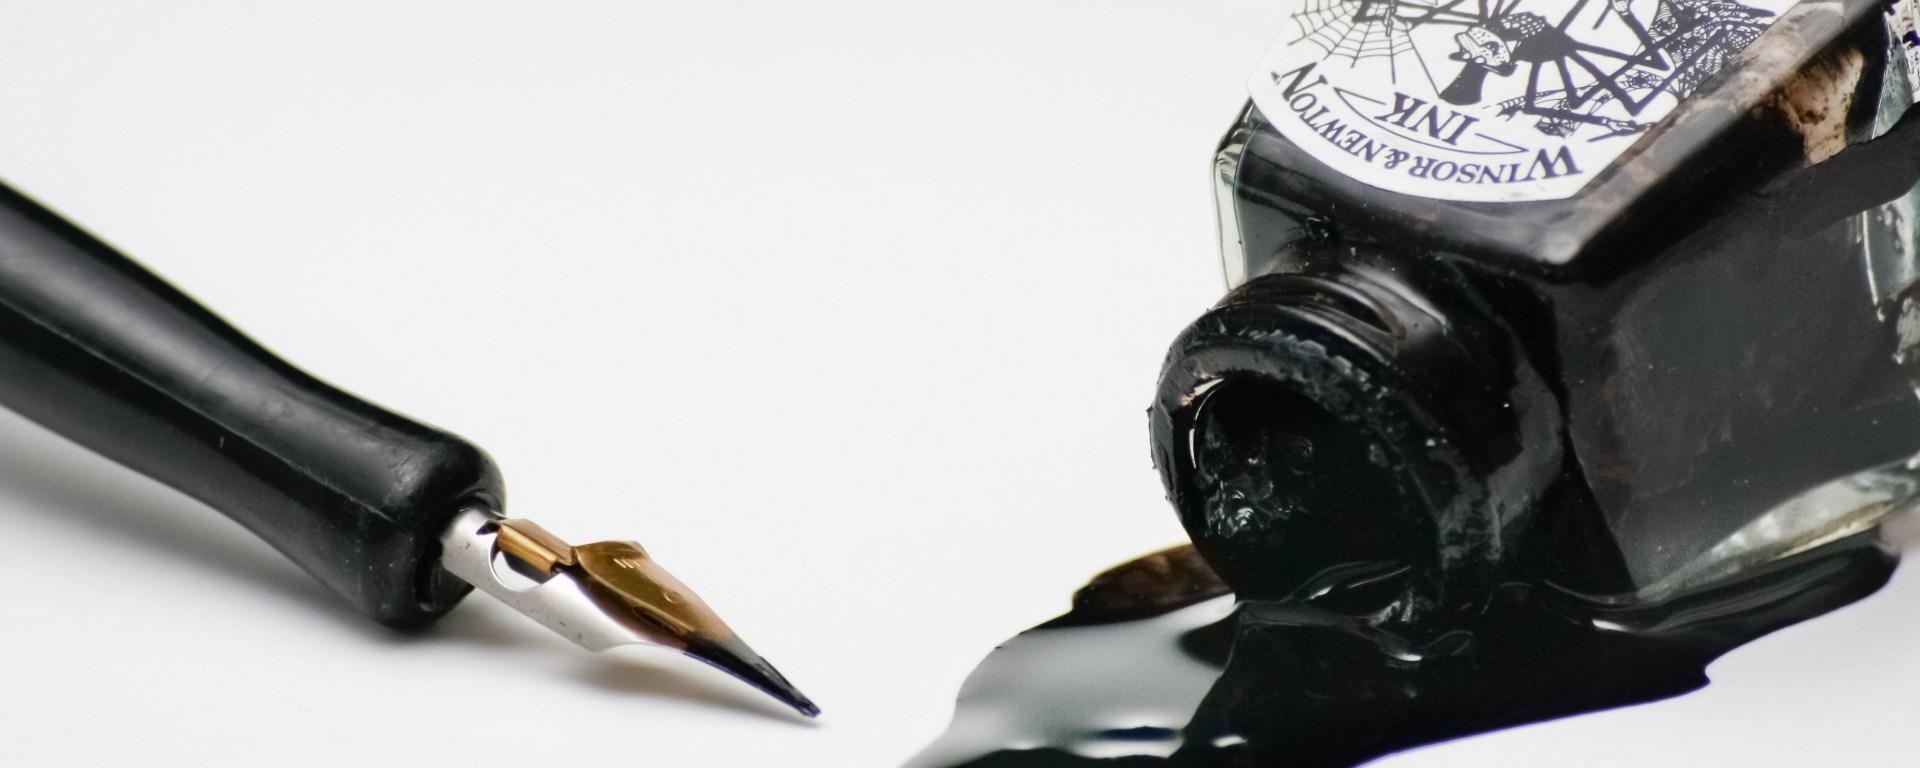 Pen-and-Ink-4f0709c5d9bd1_hires